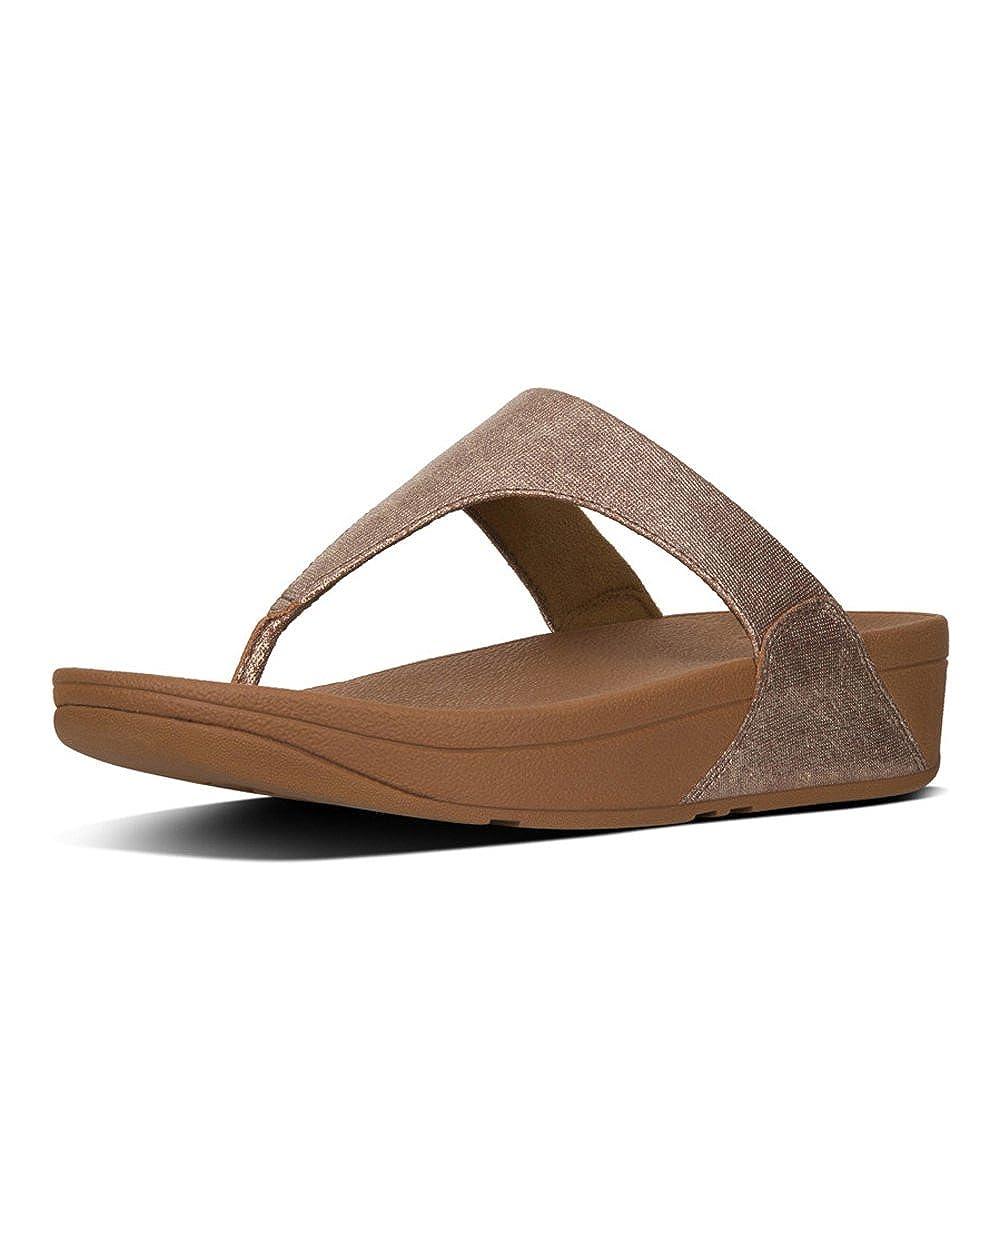 d9c863fe980e Fitflop Women s s Shimmy Toe-Thong Sandals - FOIL Print Suede Platform